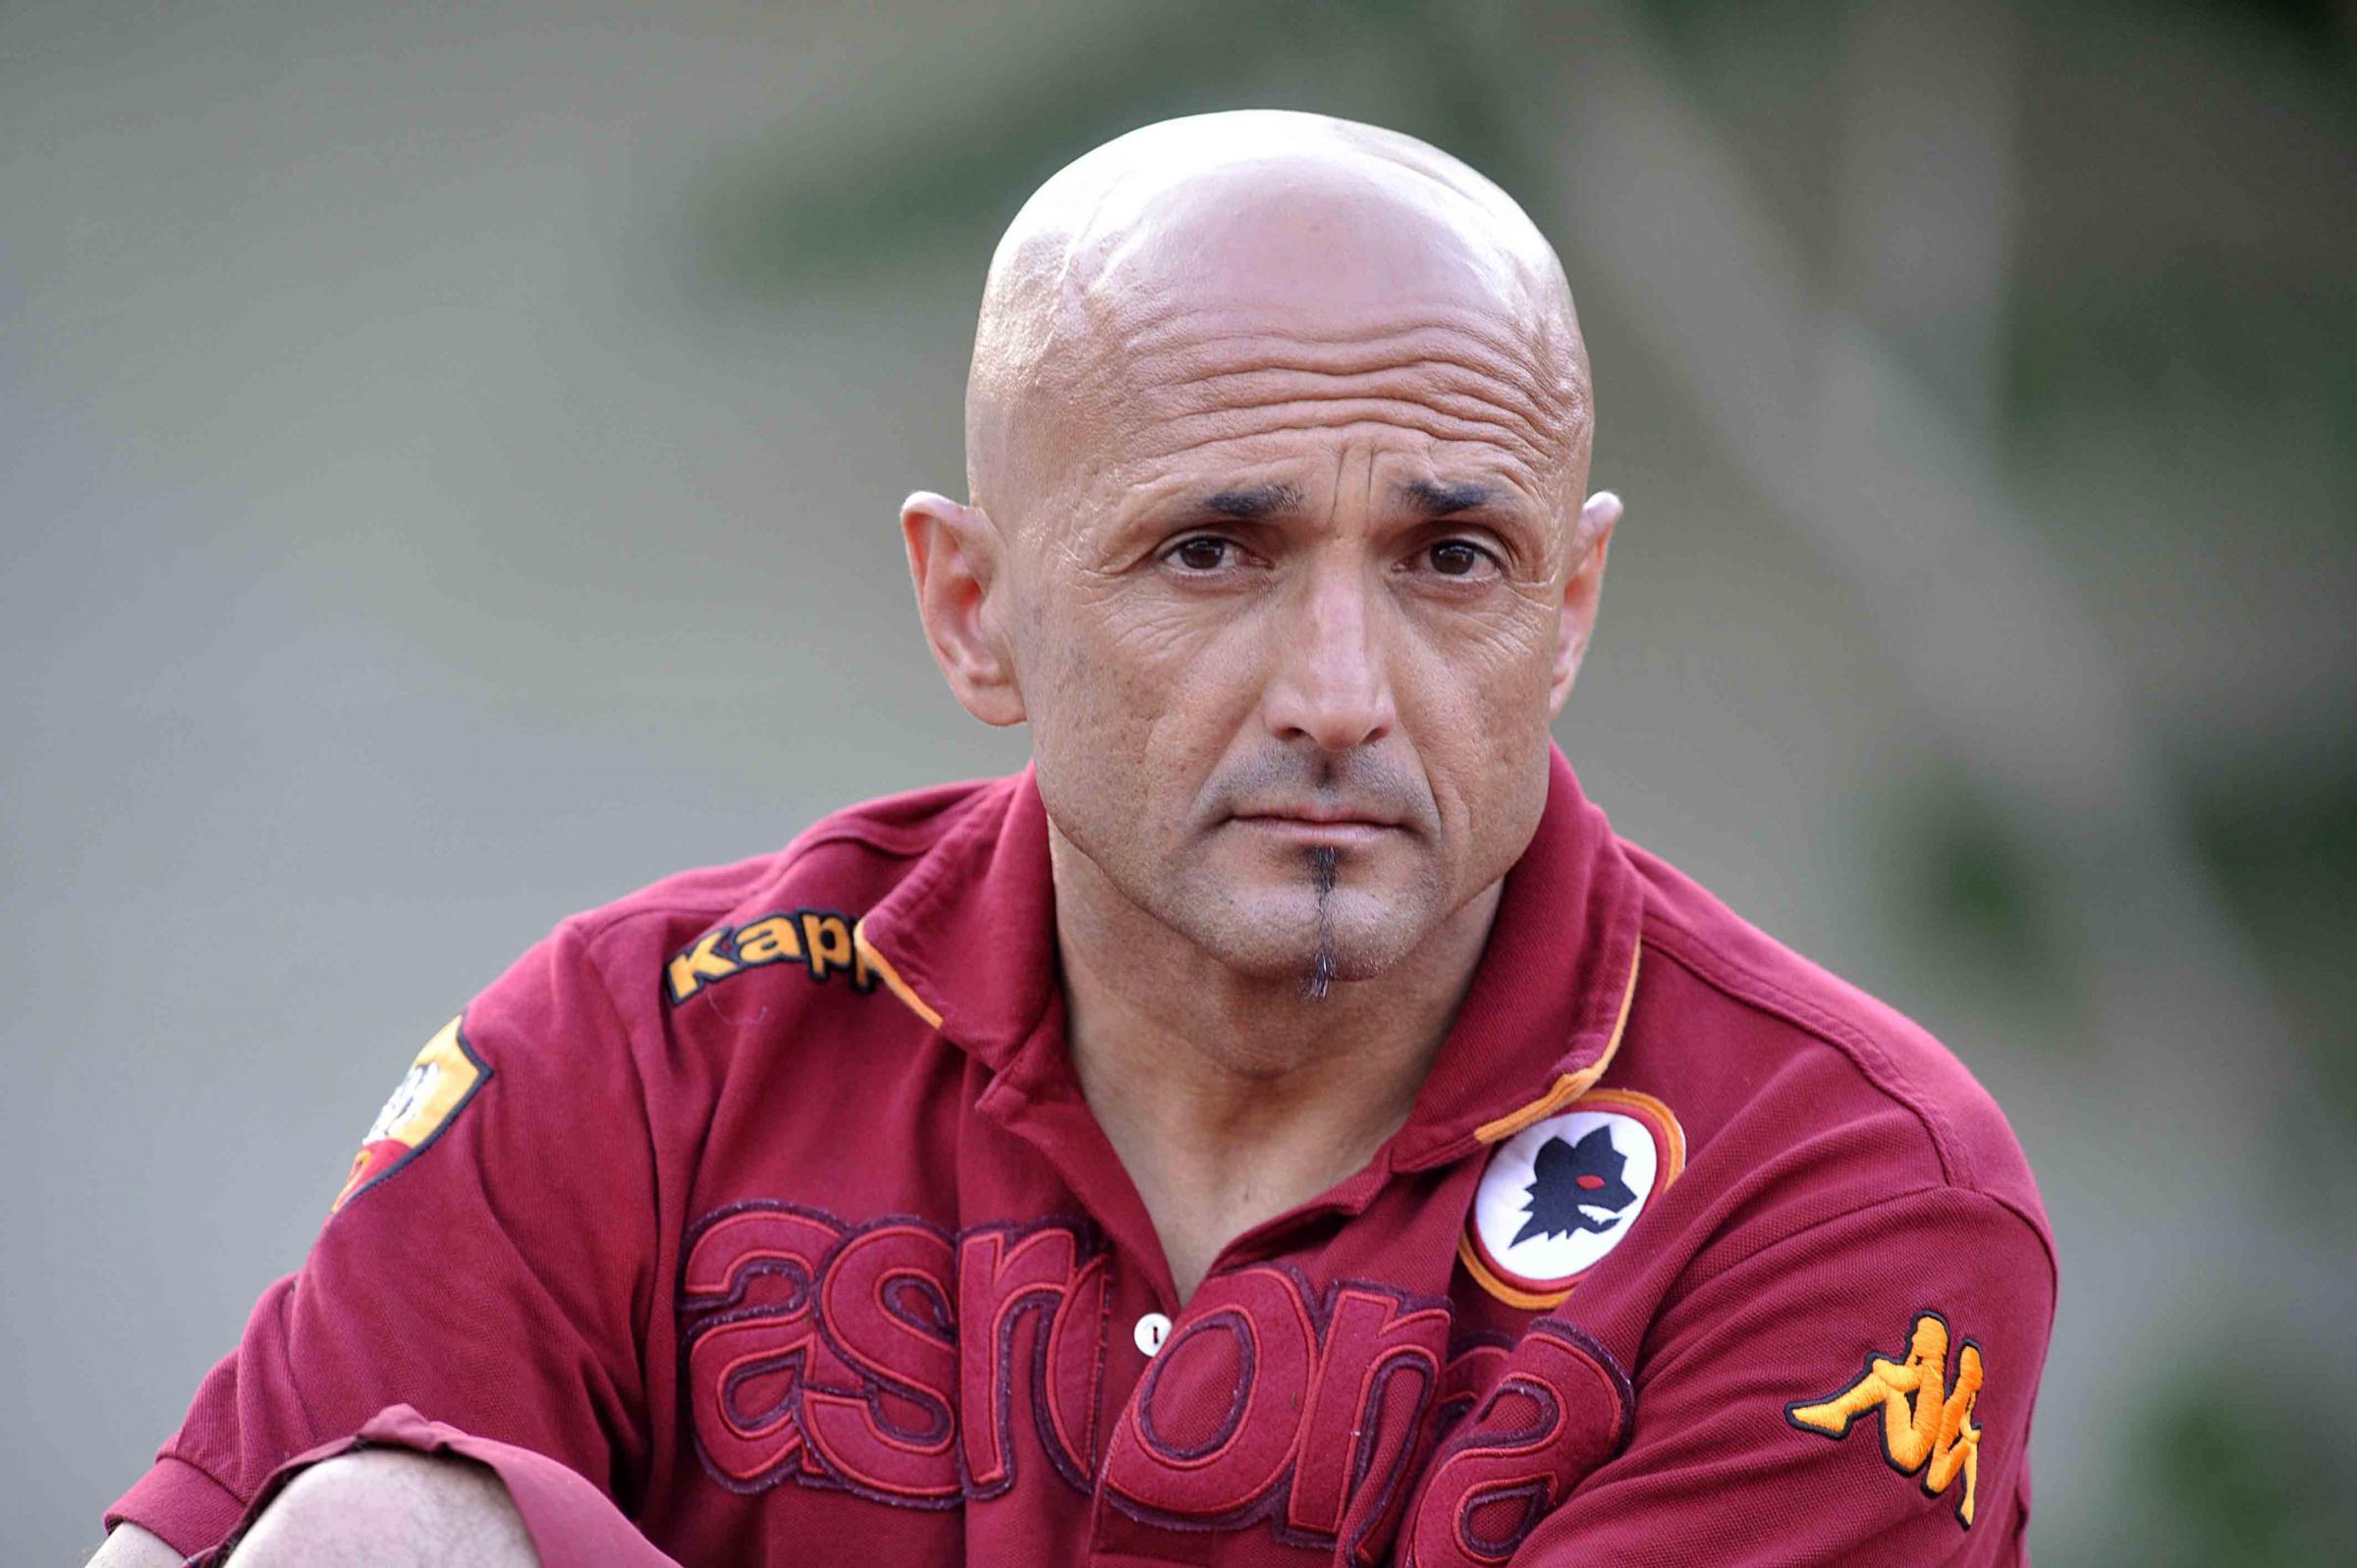 La Roma sbanca il San Paolo, 1-3 al Napoli: capolavoro tattico di Spalletti, i giallorossi sono l'antiJuve